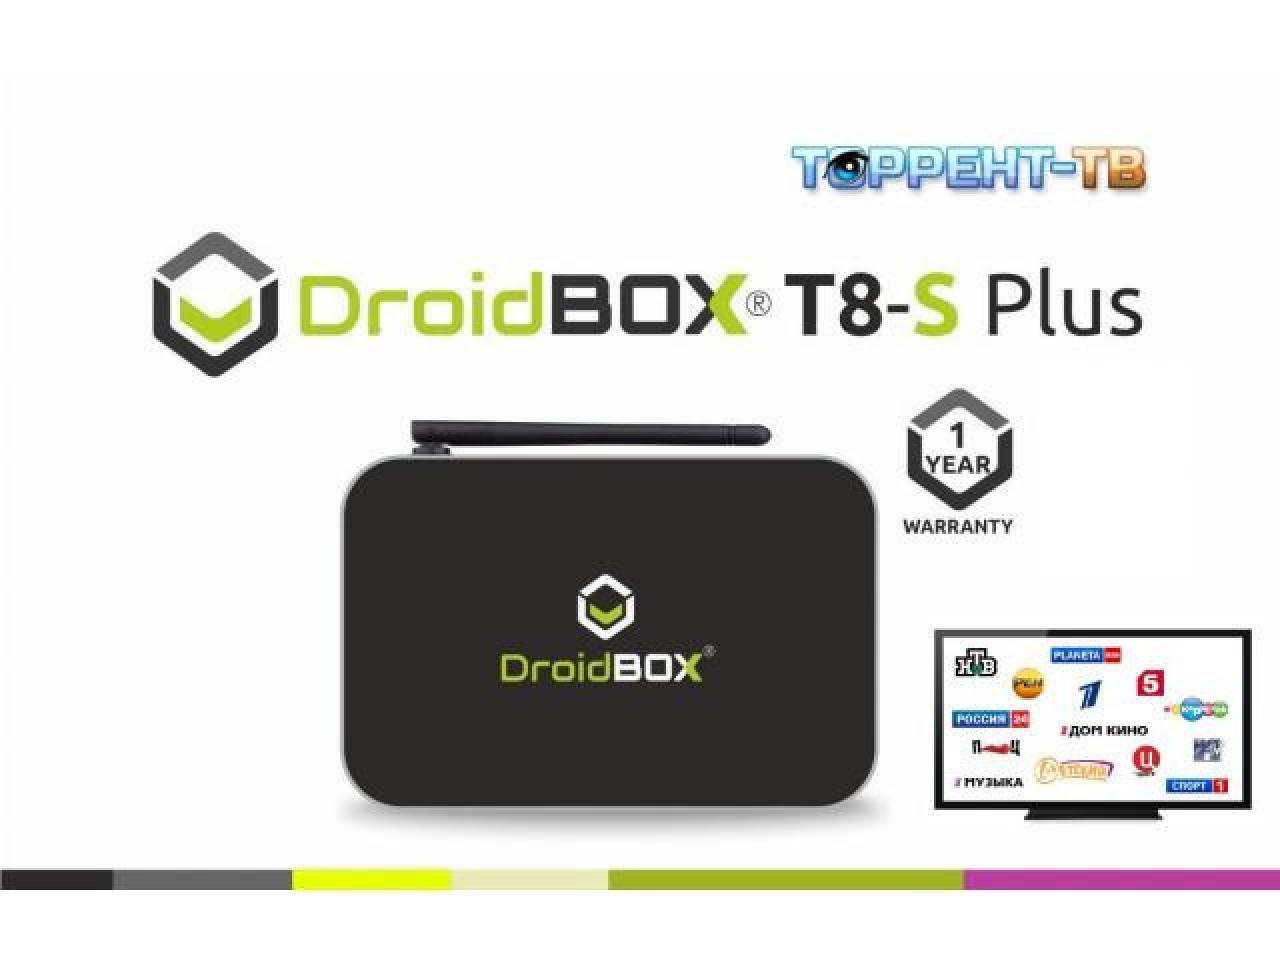 Русское телевидение, кино, сериалы на вашем ТВ возможно Бесплатно с помощью приставок Droidbox!!! - 2